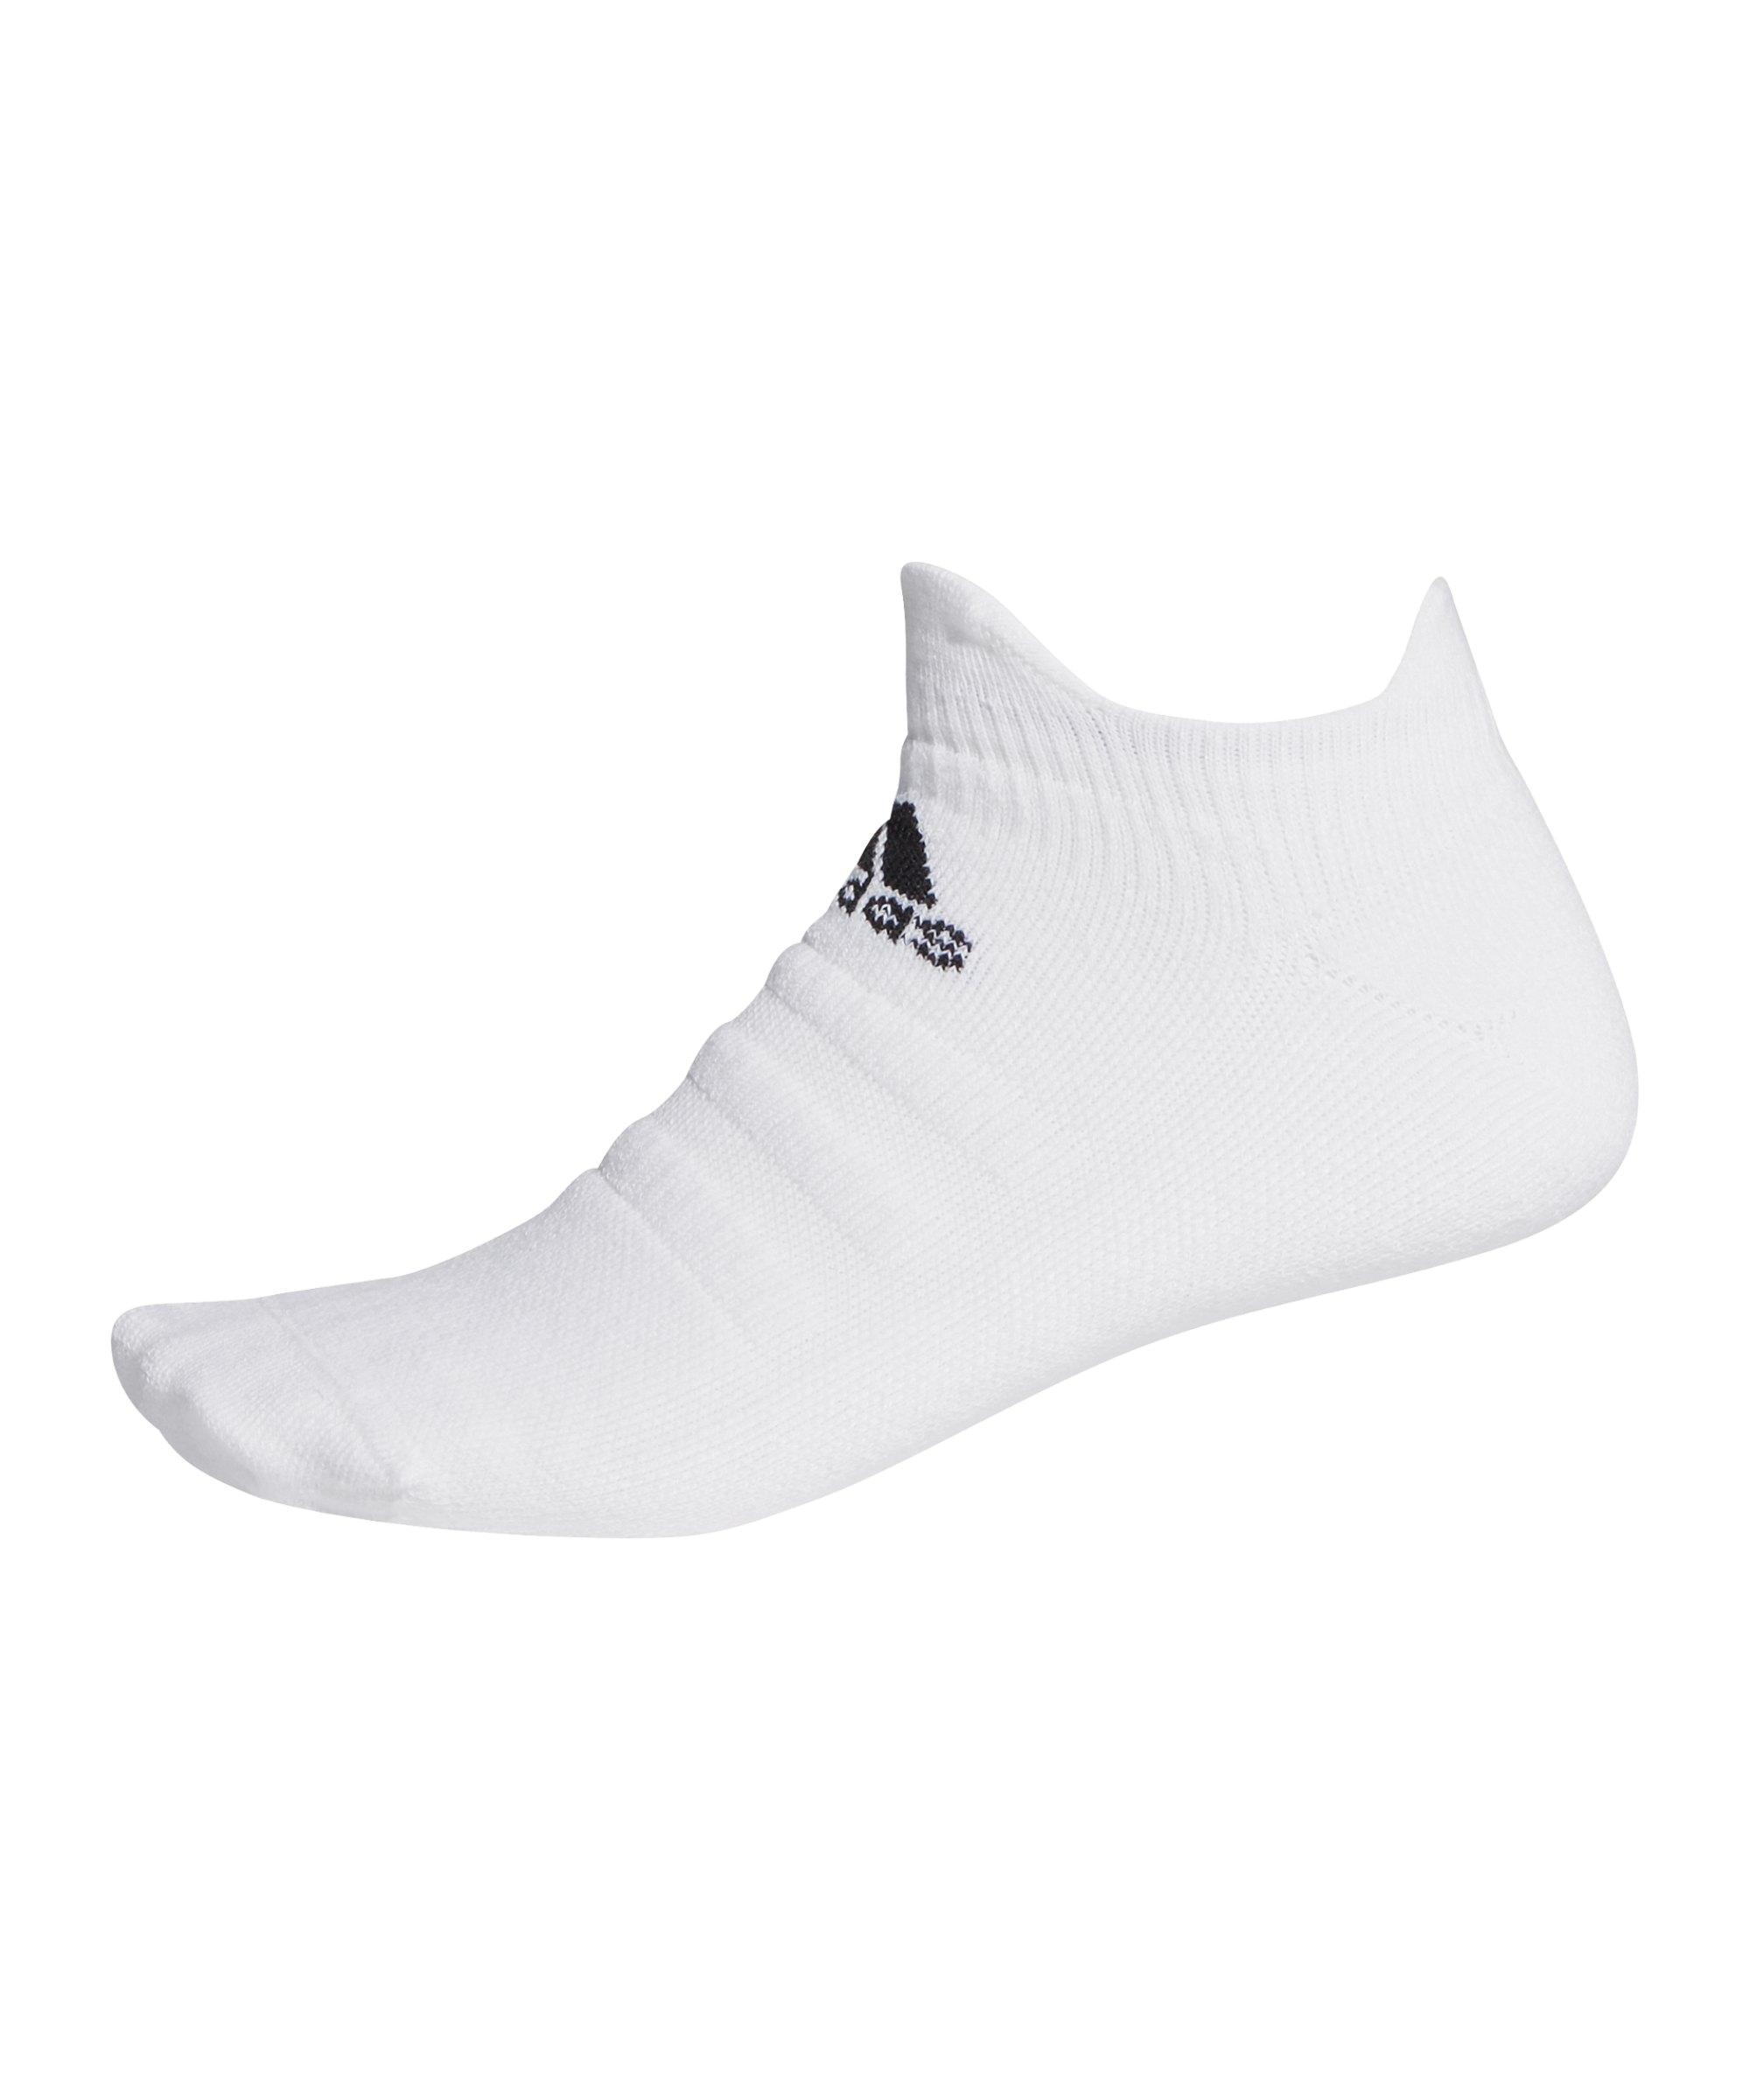 adidas Alphaskin Low MC Socken Weiss - weiss